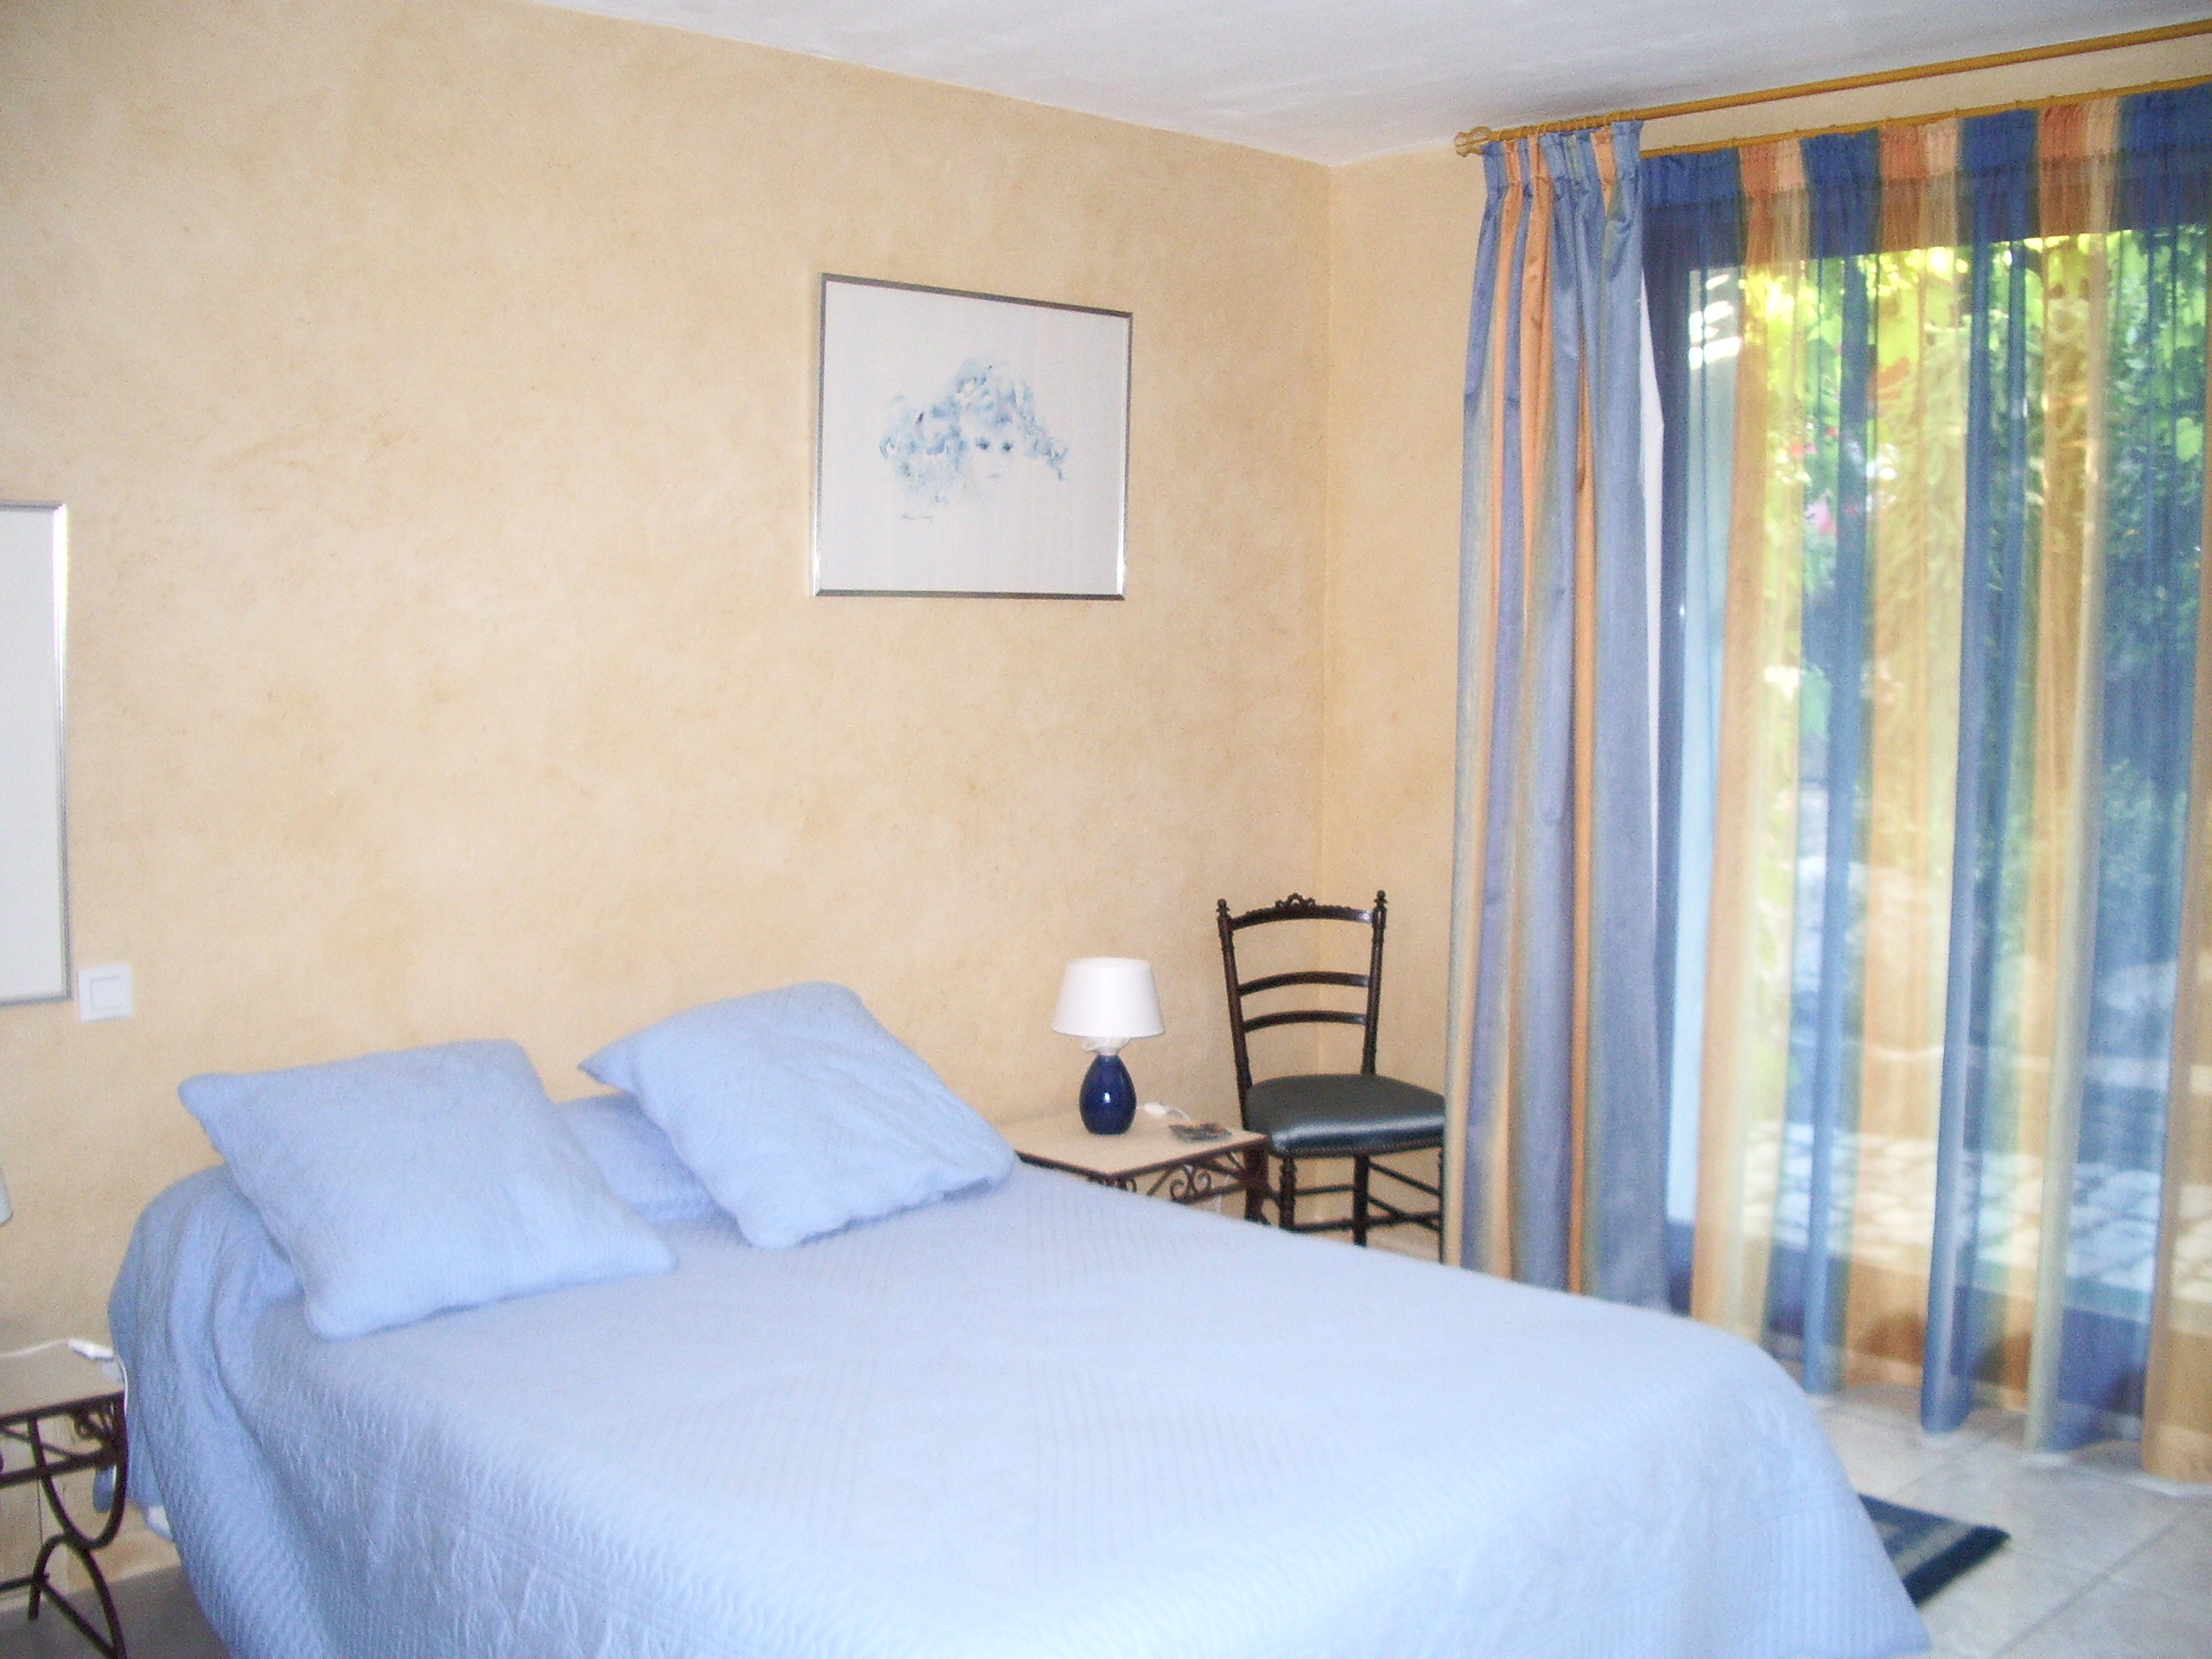 Visite guide de la villa juline chambre d 39 hote avec piscine for Guide chambre hote